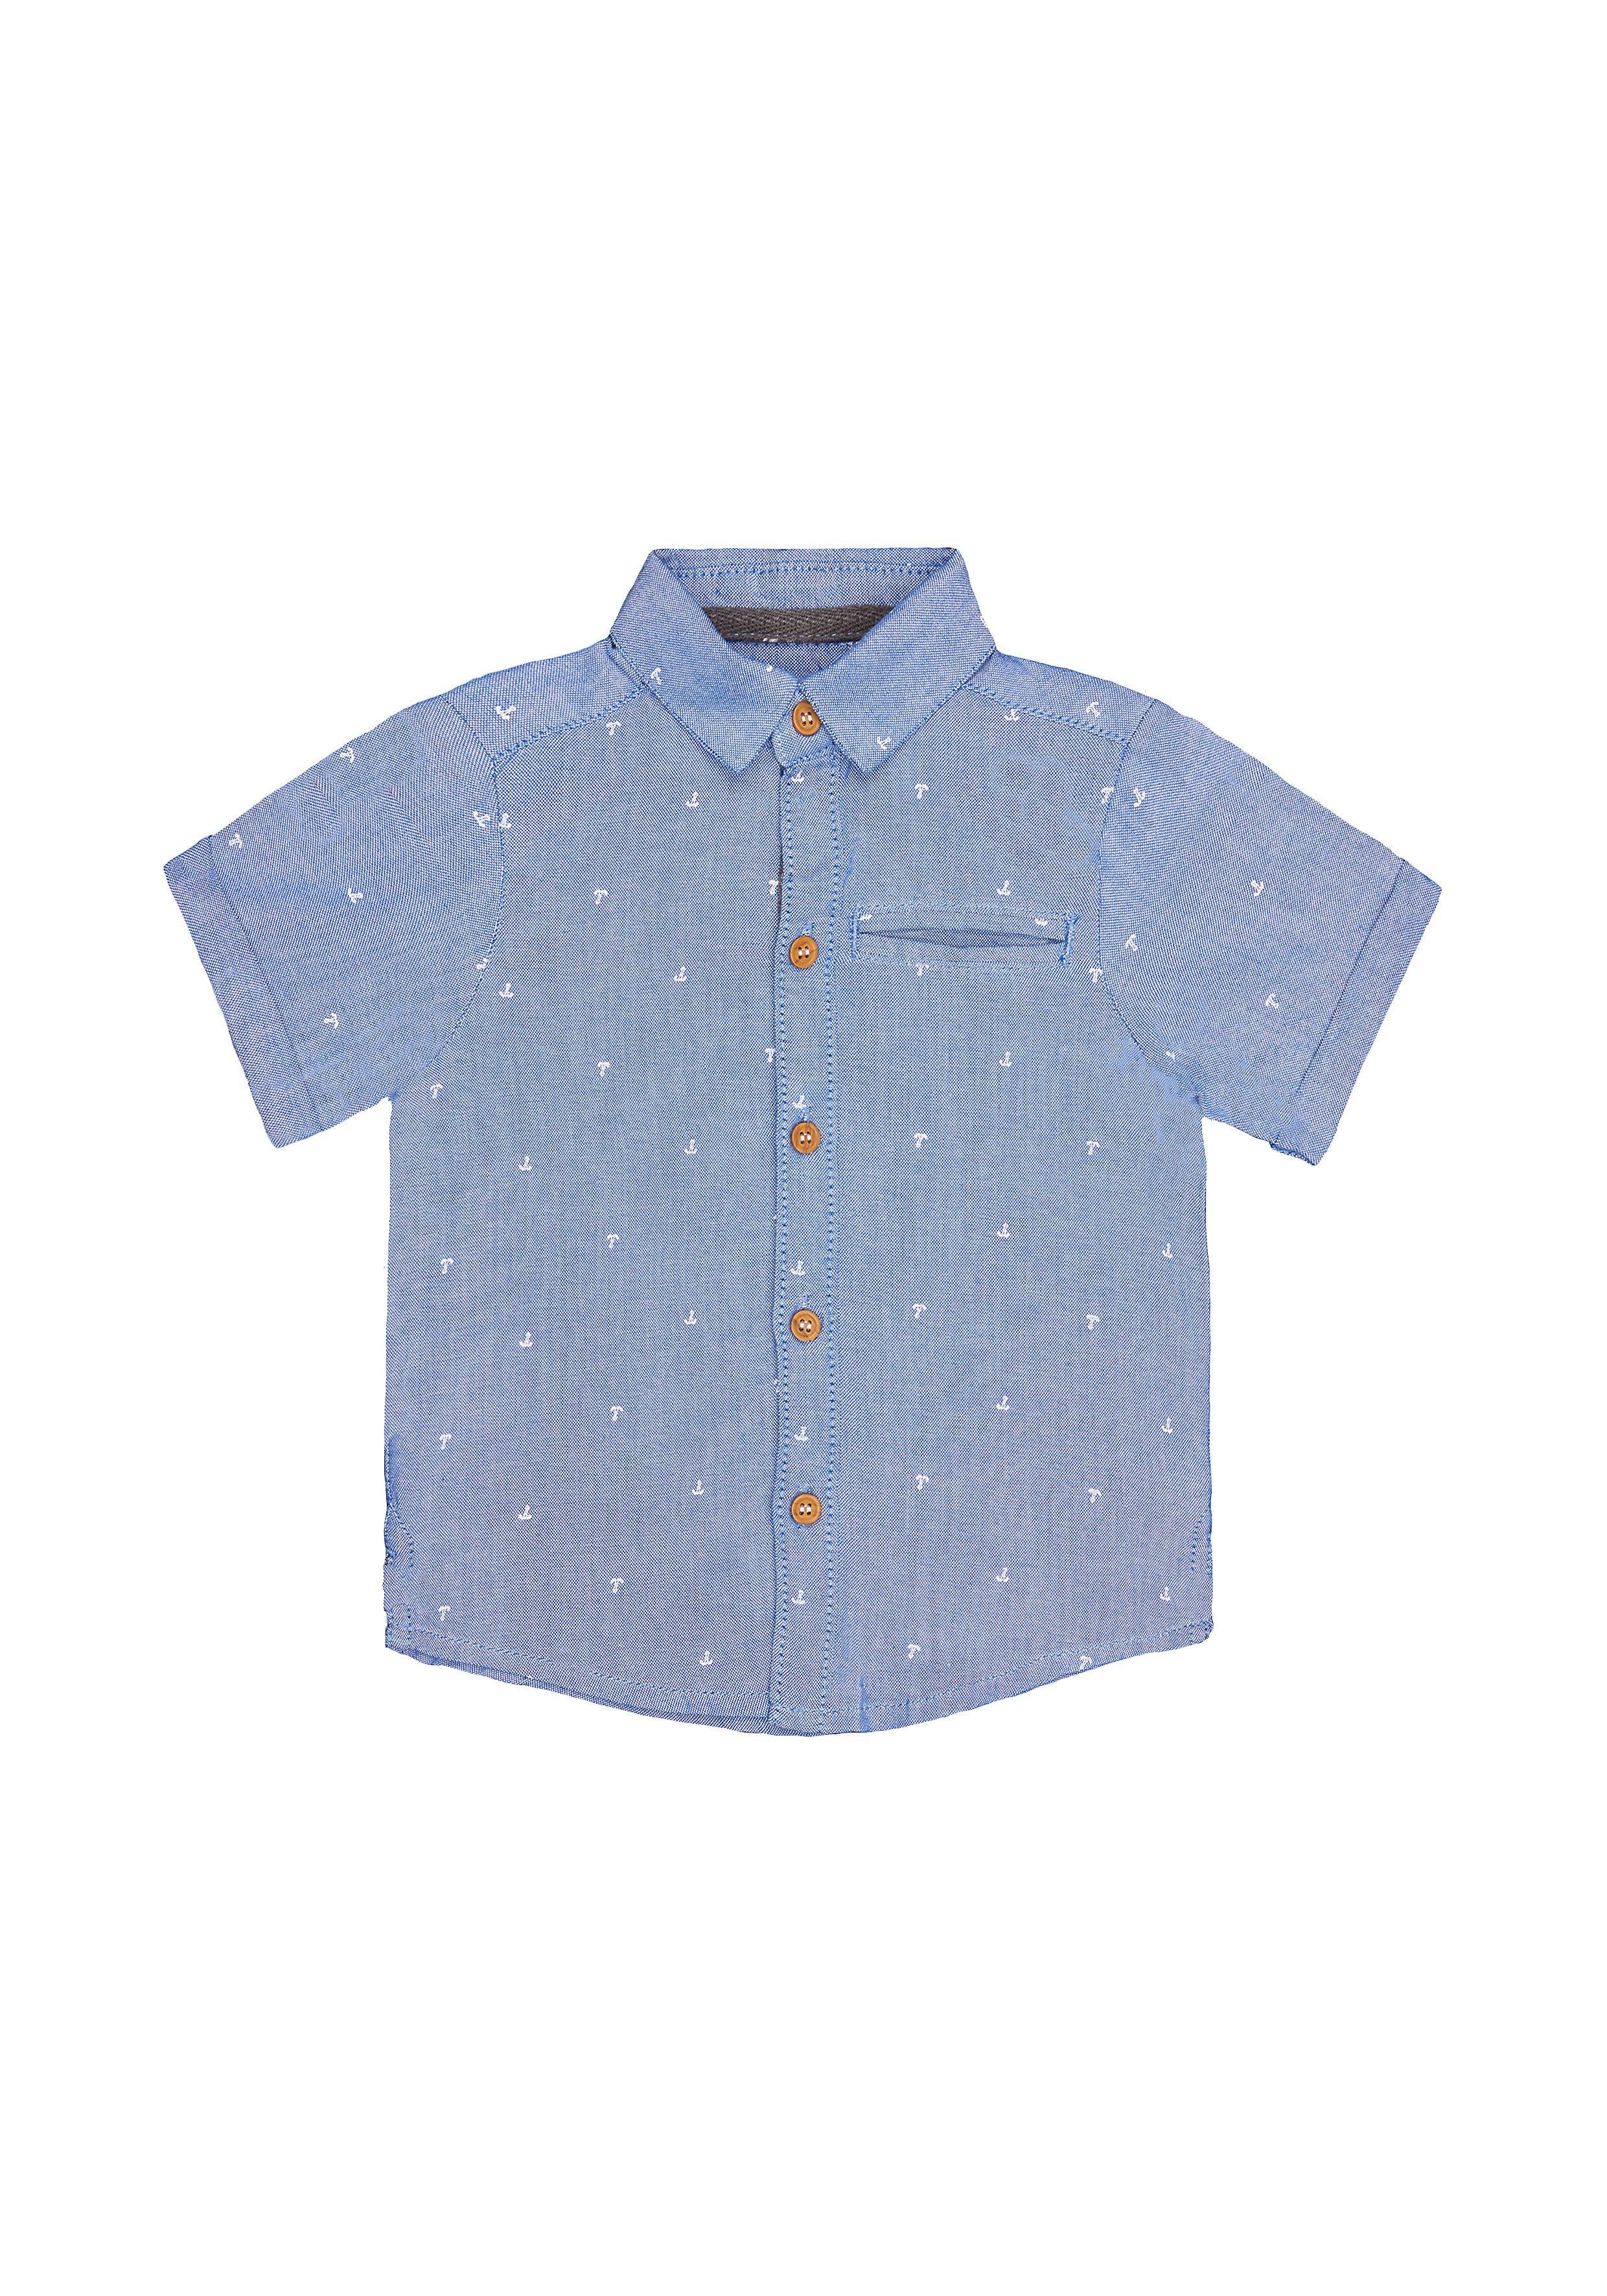 Mothercare | Boys Blue Anchor Oxford Shirt - Blue